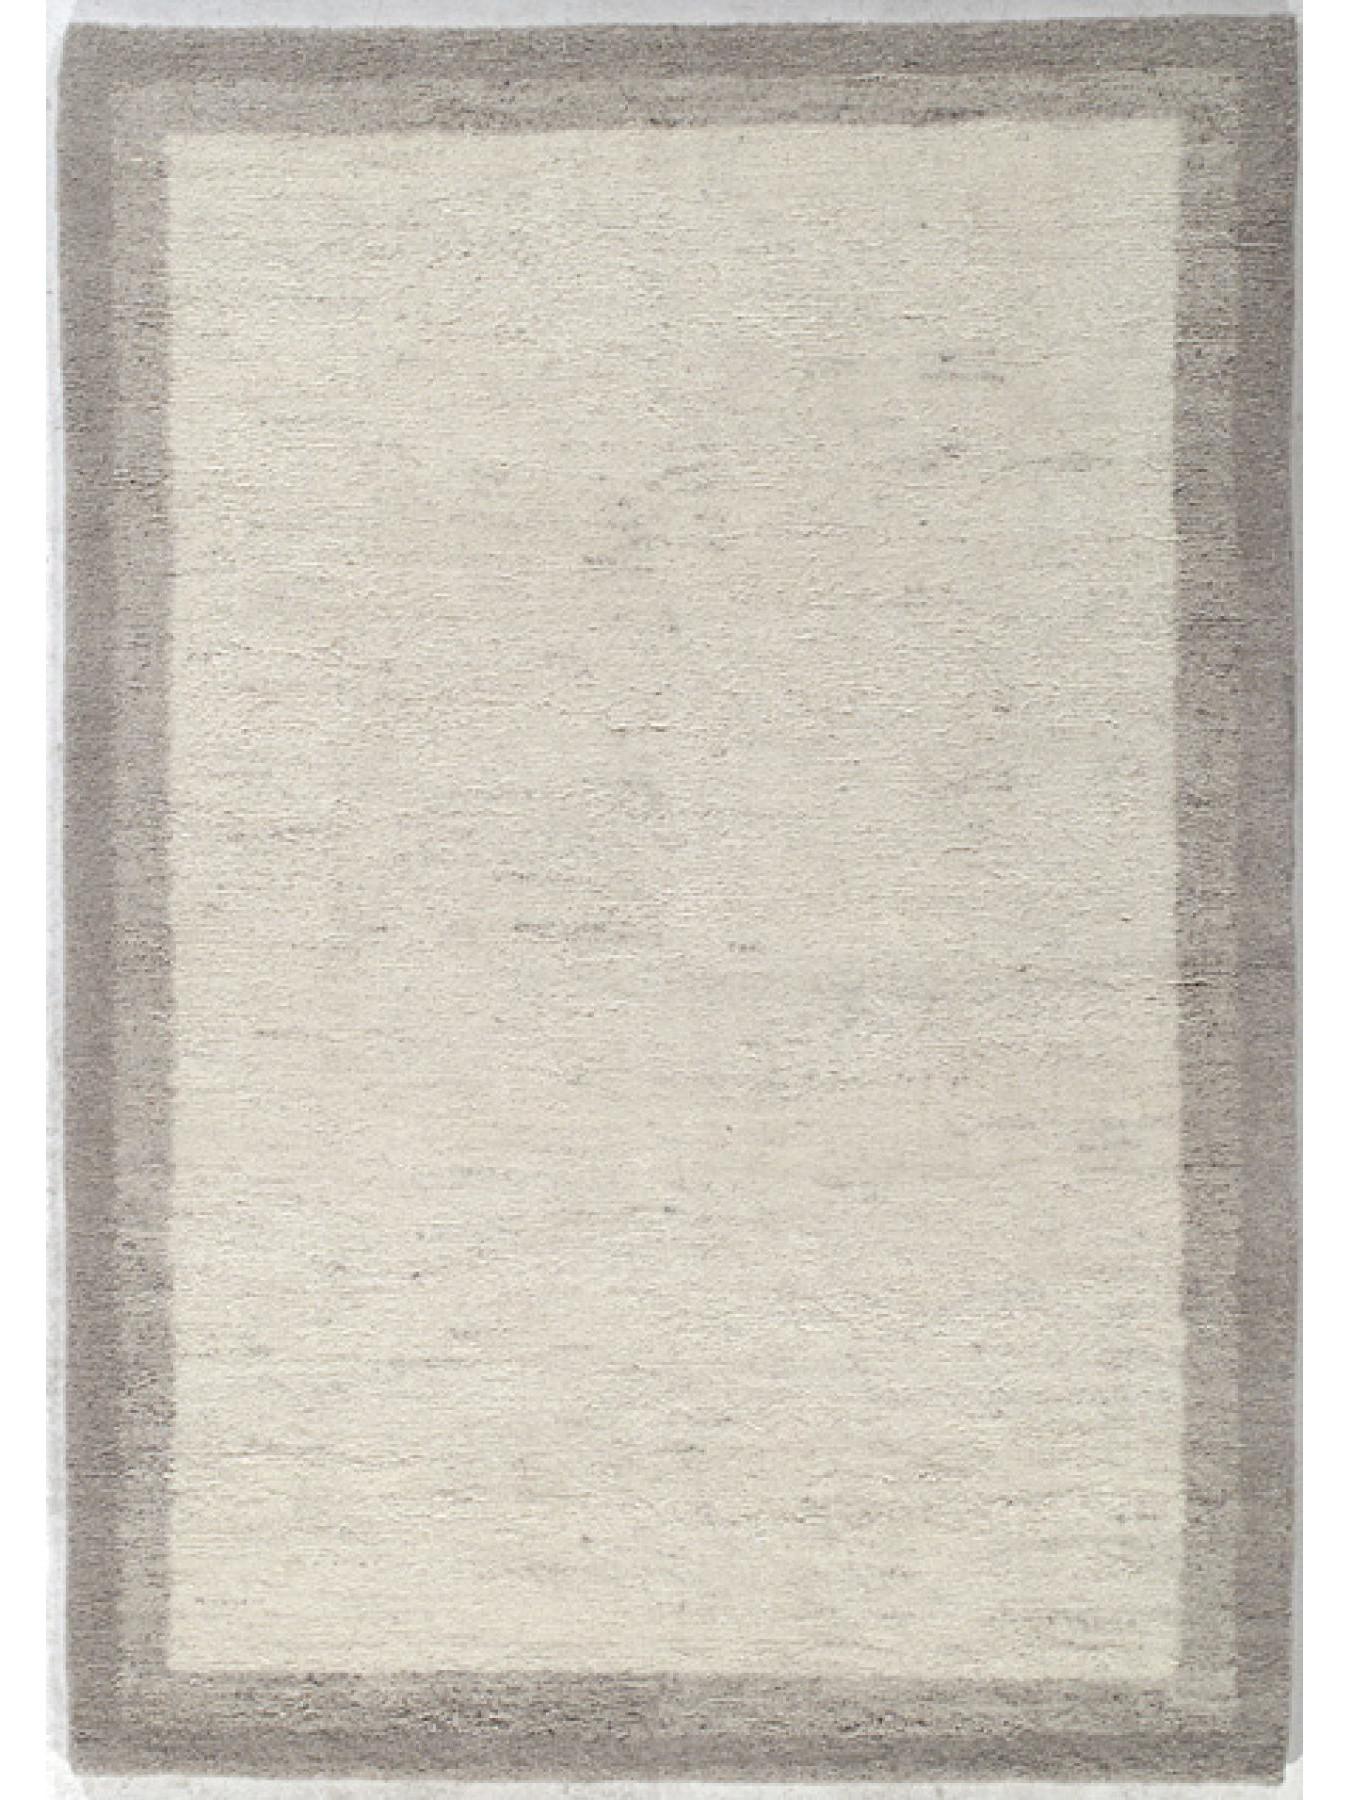 Berber rugs - ATLAS 2 - 003B